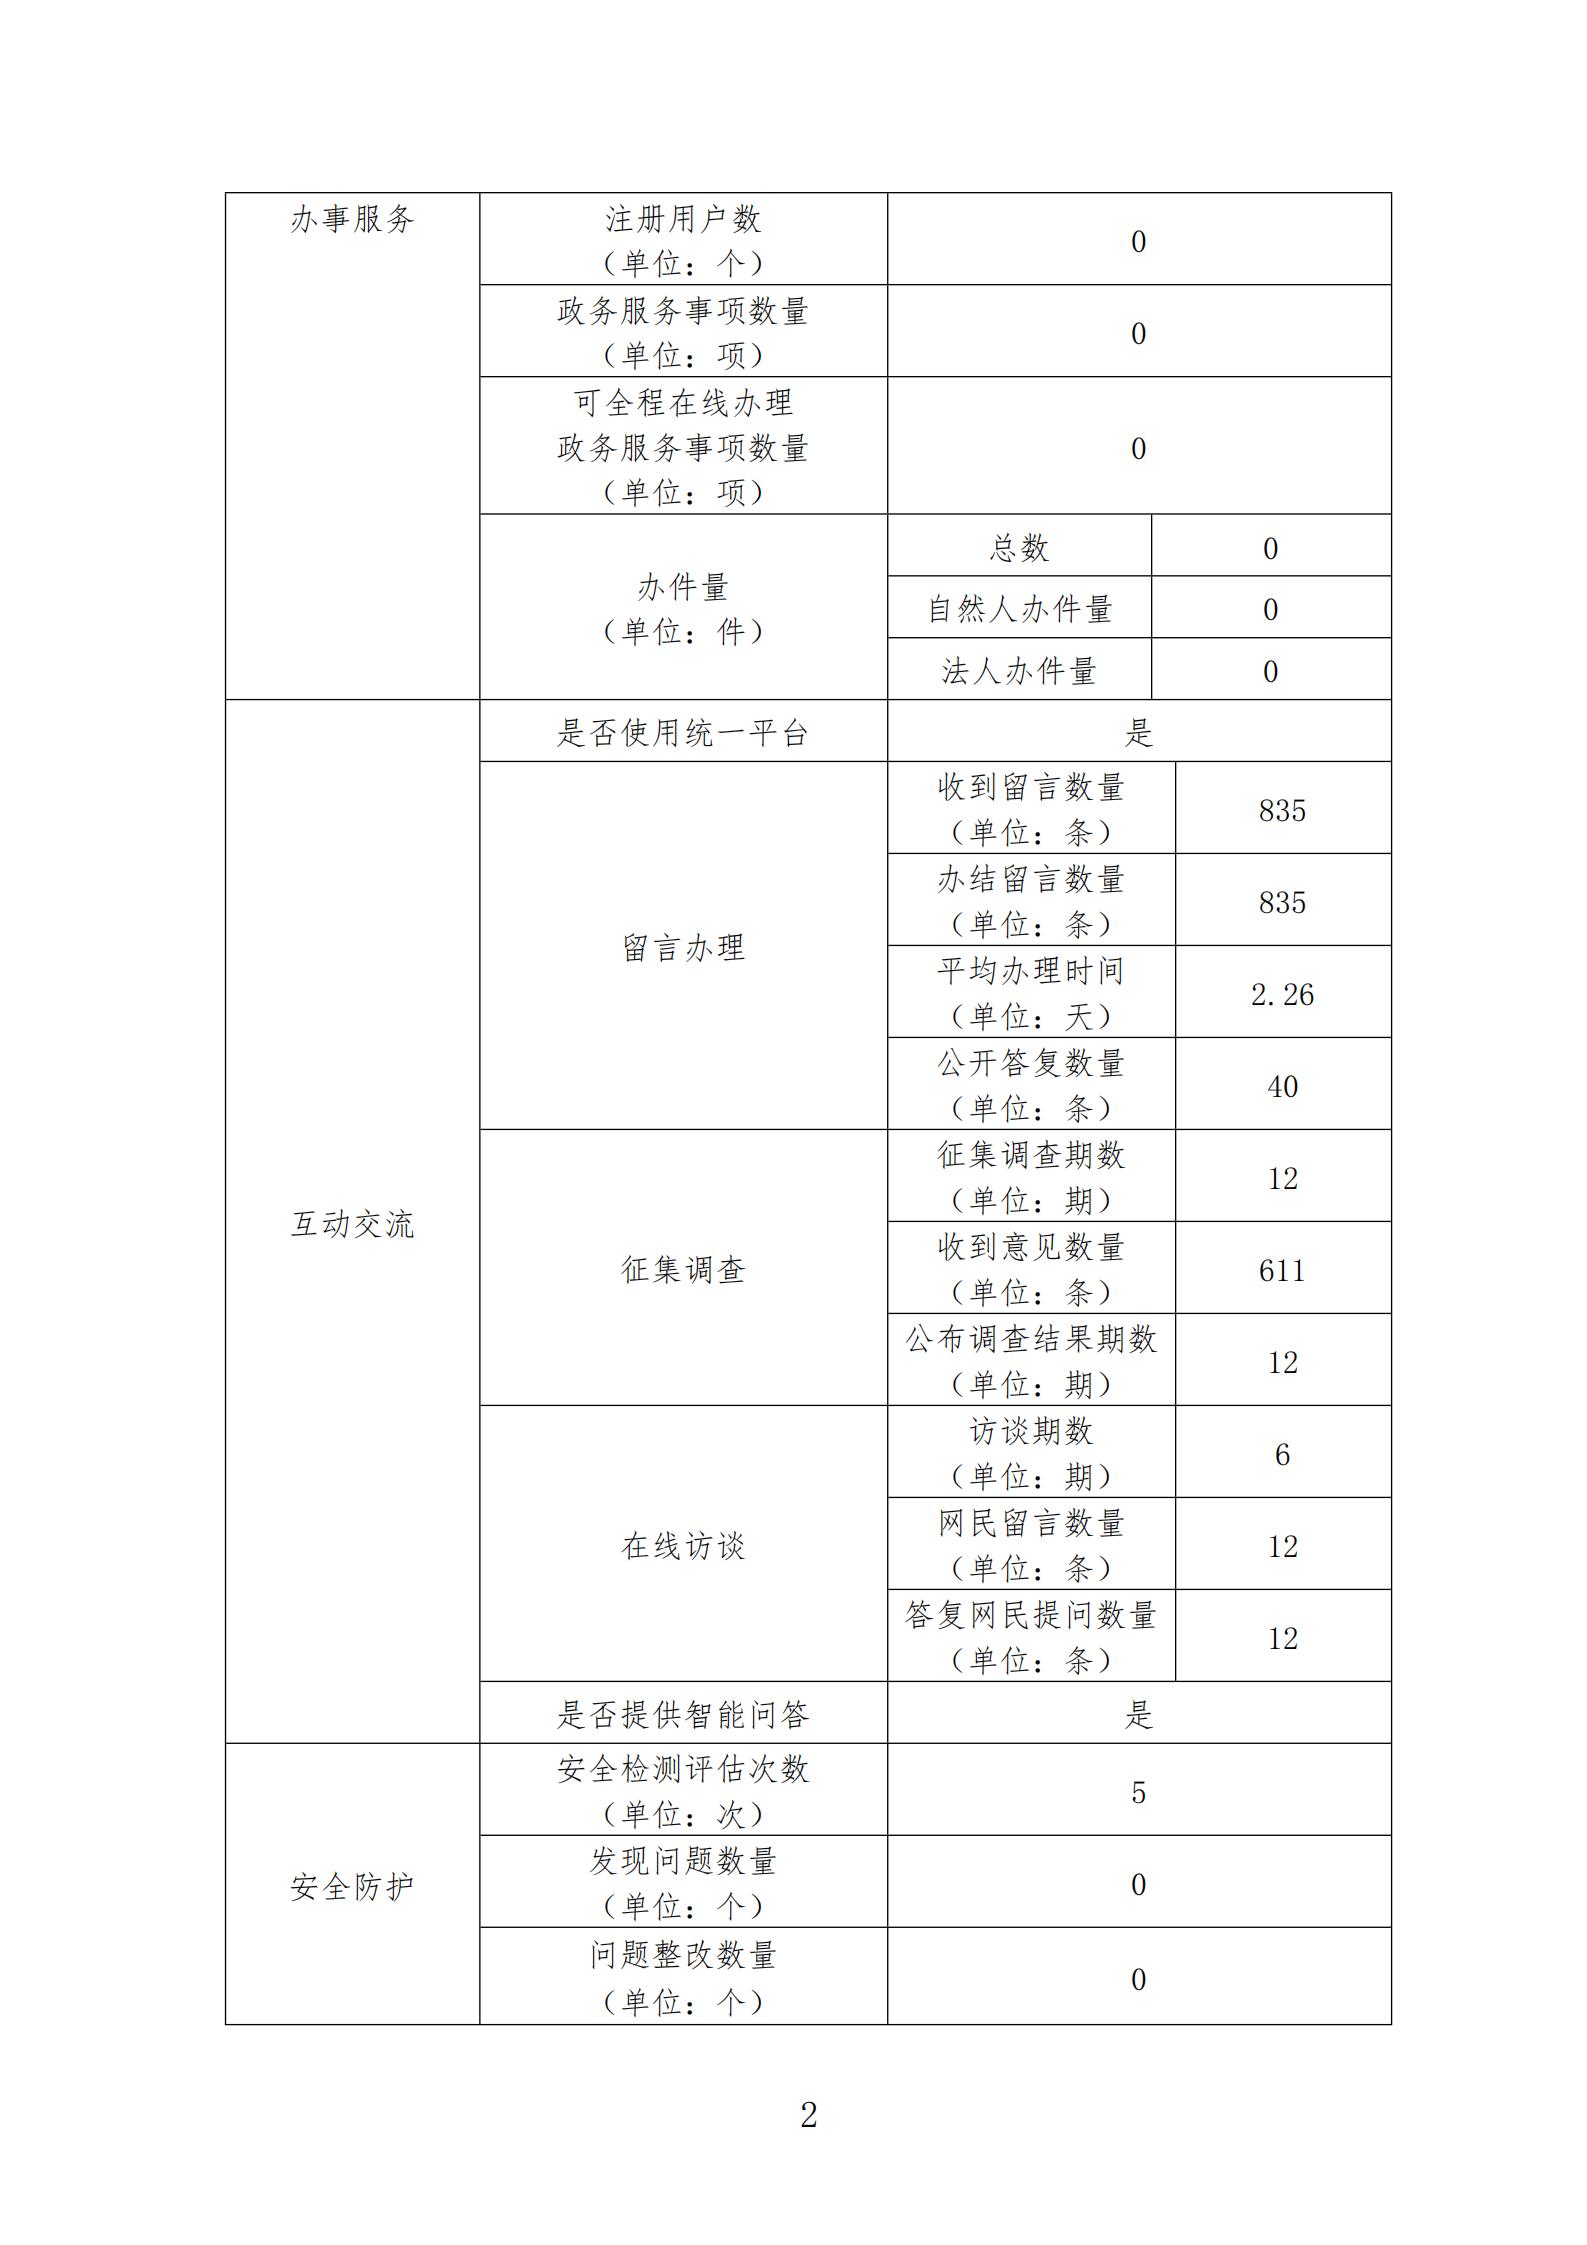 广东省医疗保障局政府网站工作报表(2020年度)_01.png